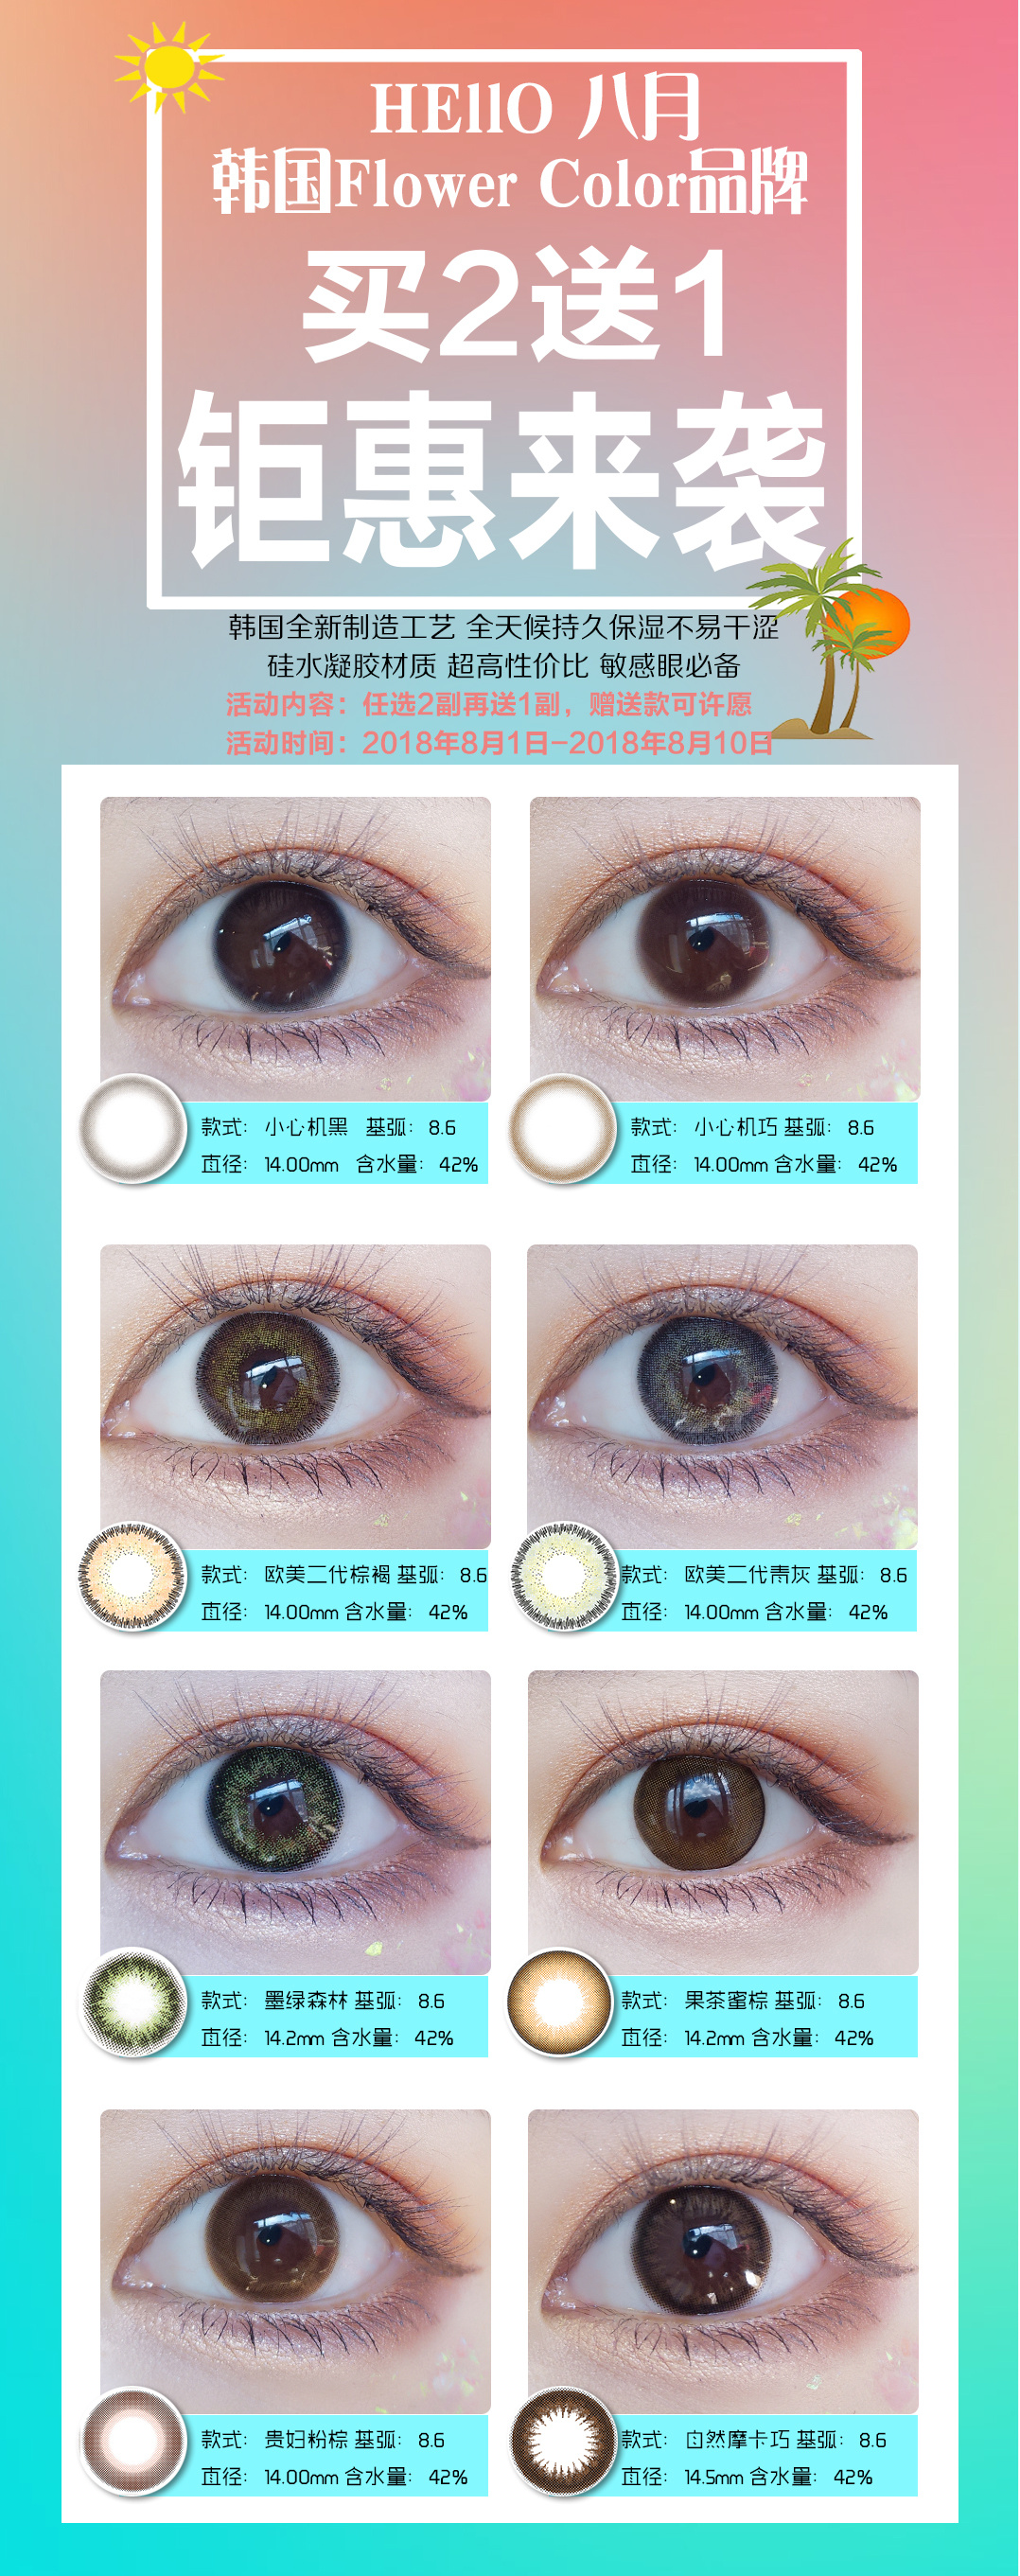 韩国FlowerColor品牌感谢有你Hello八月,钜惠活动,买2送1-万视美瞳